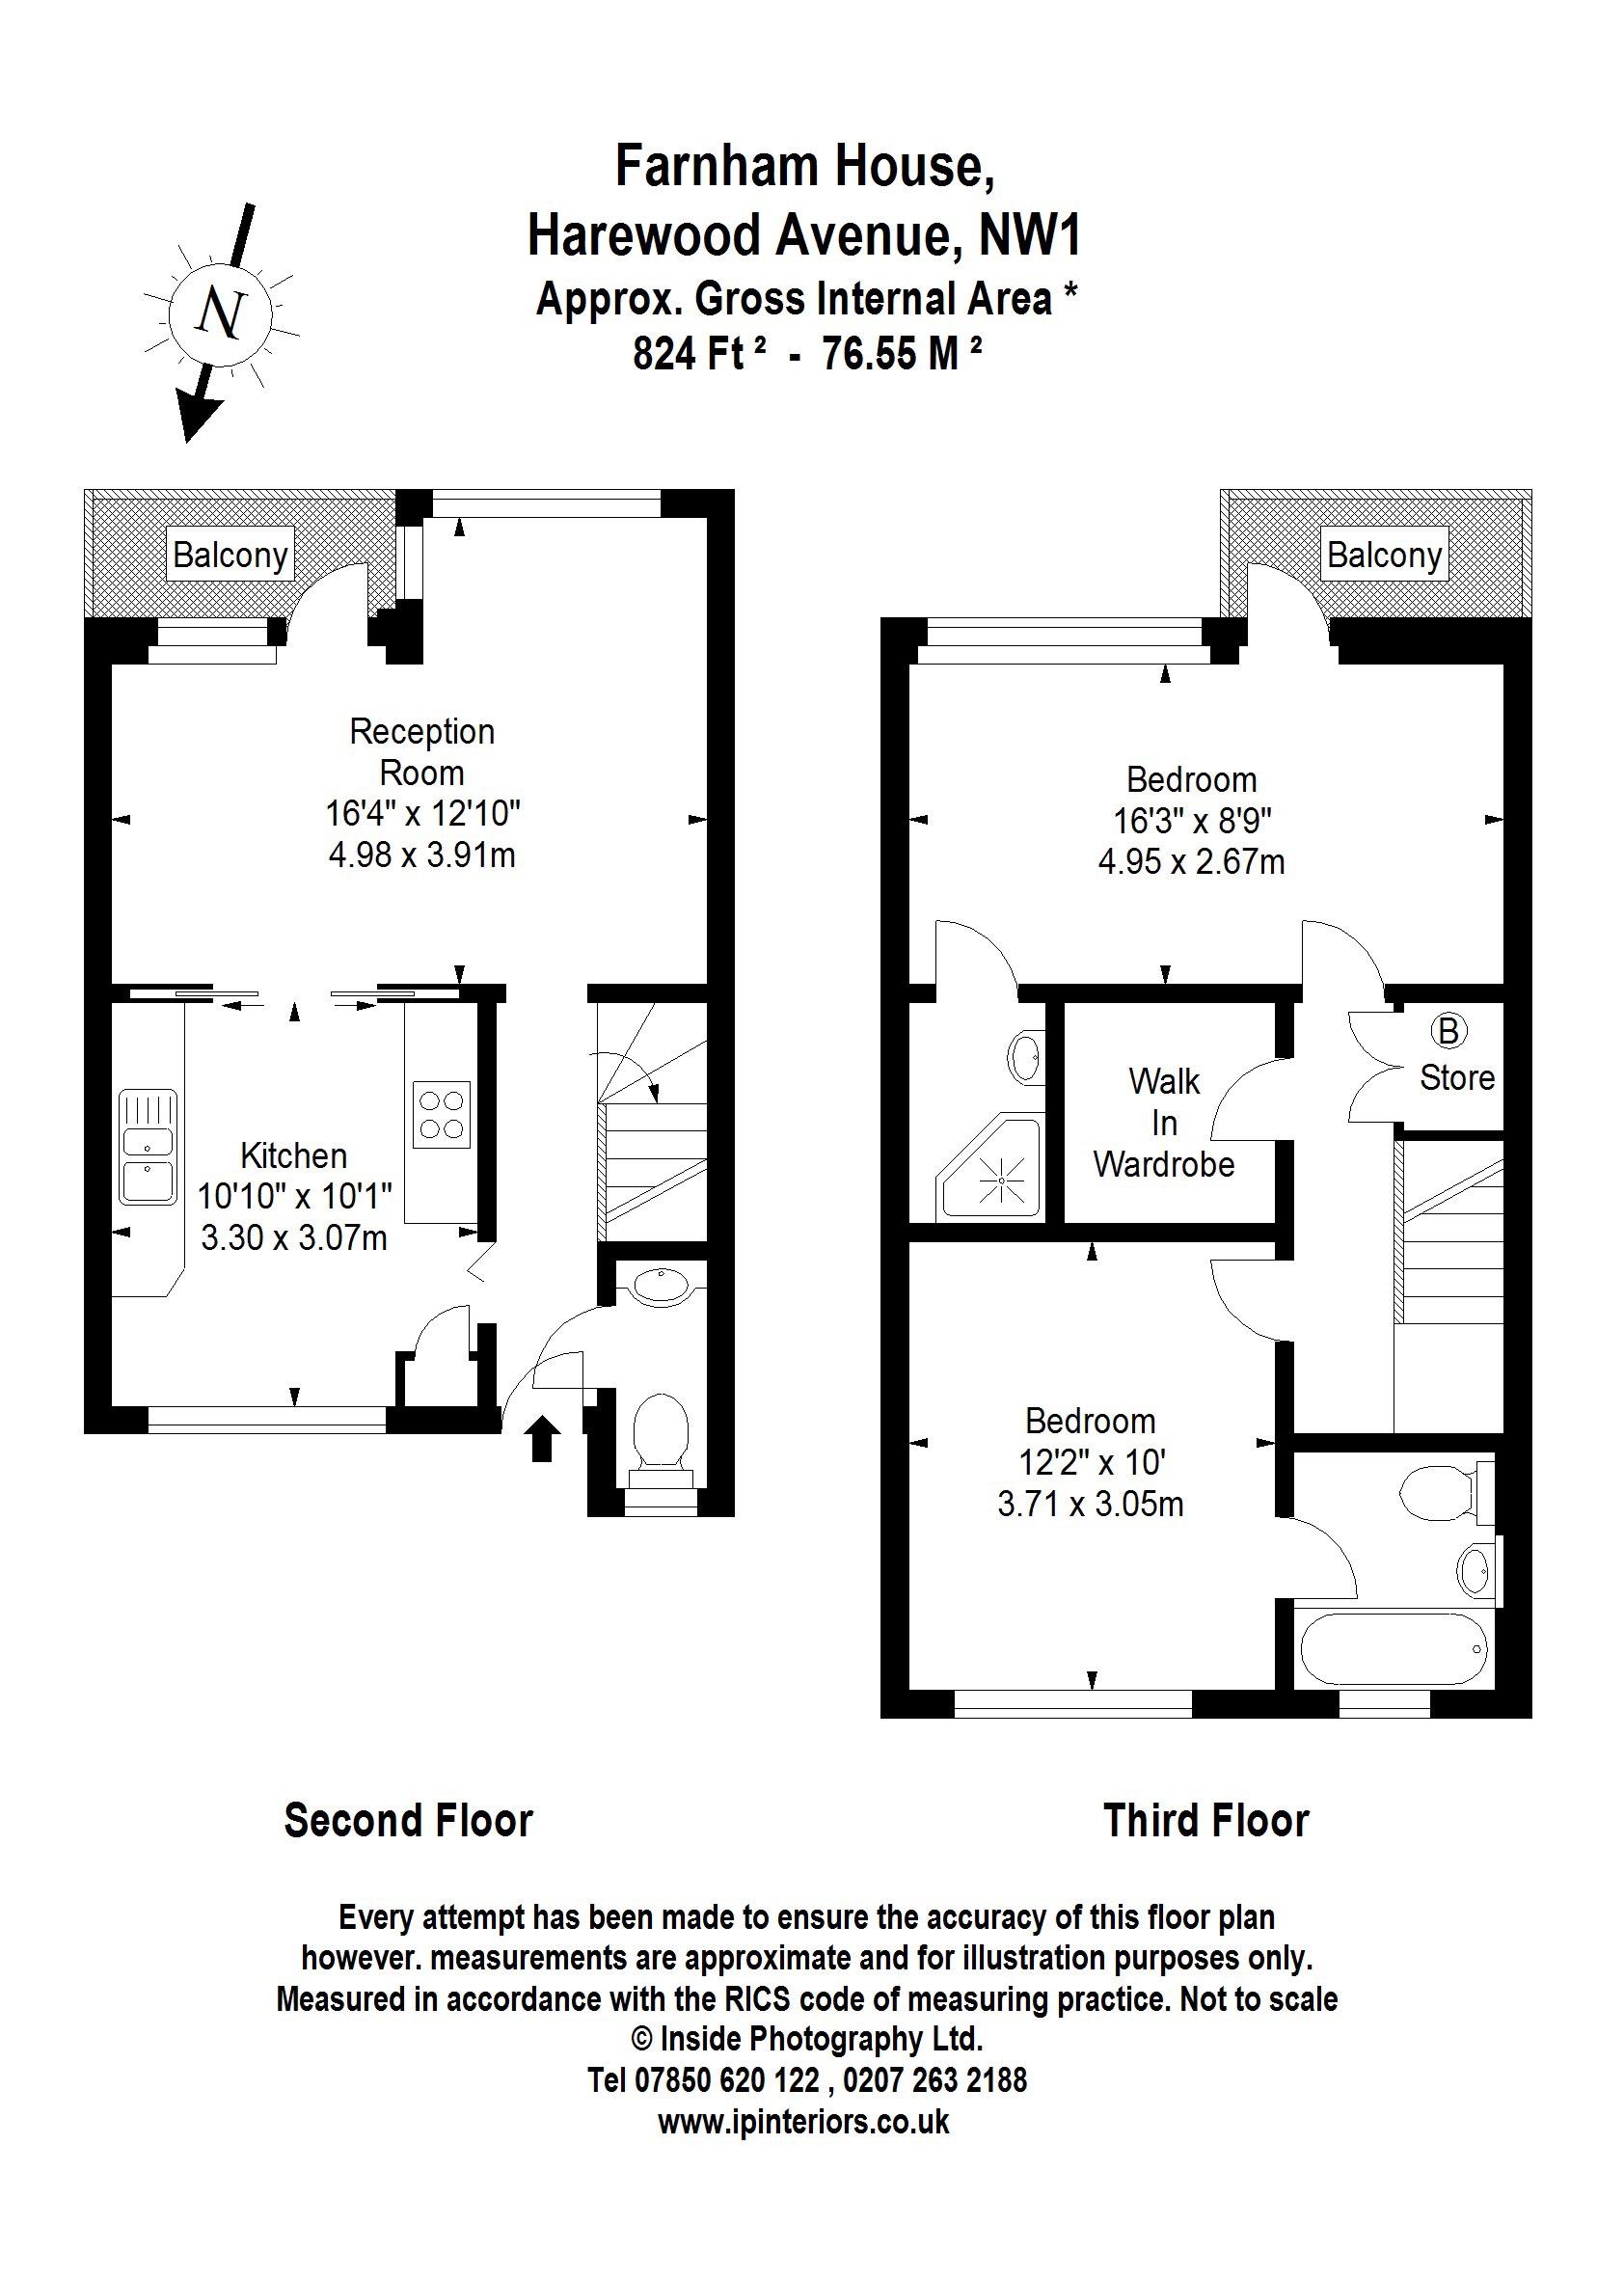 Farnham House Harewood Avenue London NW1 2 bedroom maisonette for – Harewood House Floor Plan